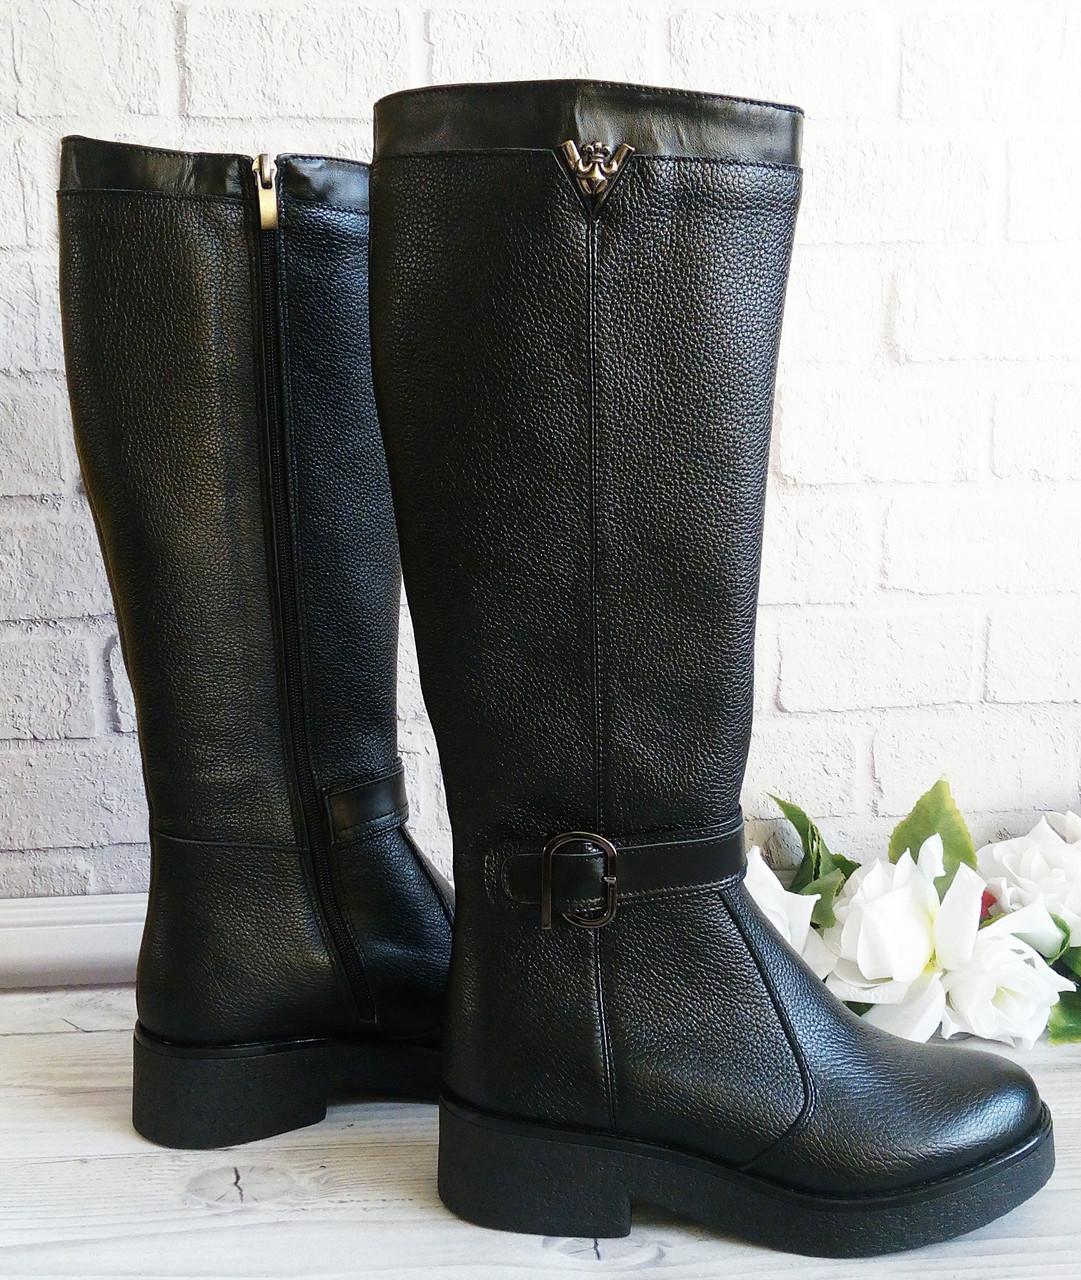 Высокие женские сапоги на платформе фабричная обувь